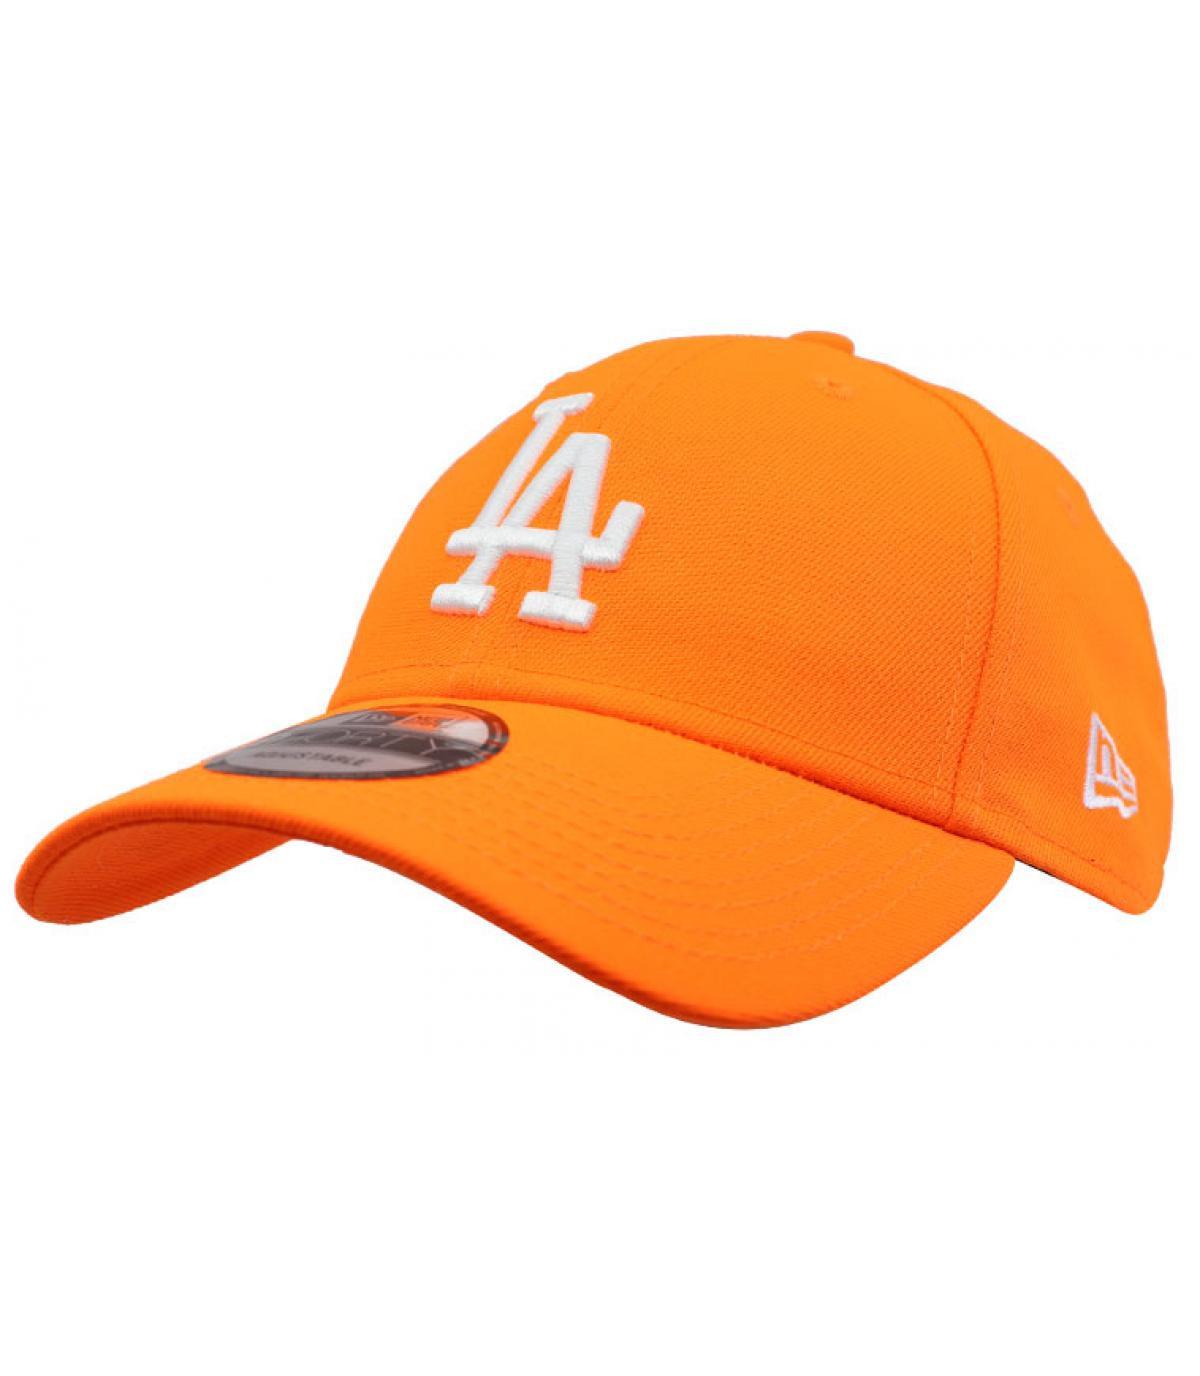 Détails Casquette Neon LA League Ess 940 orange white - image 2